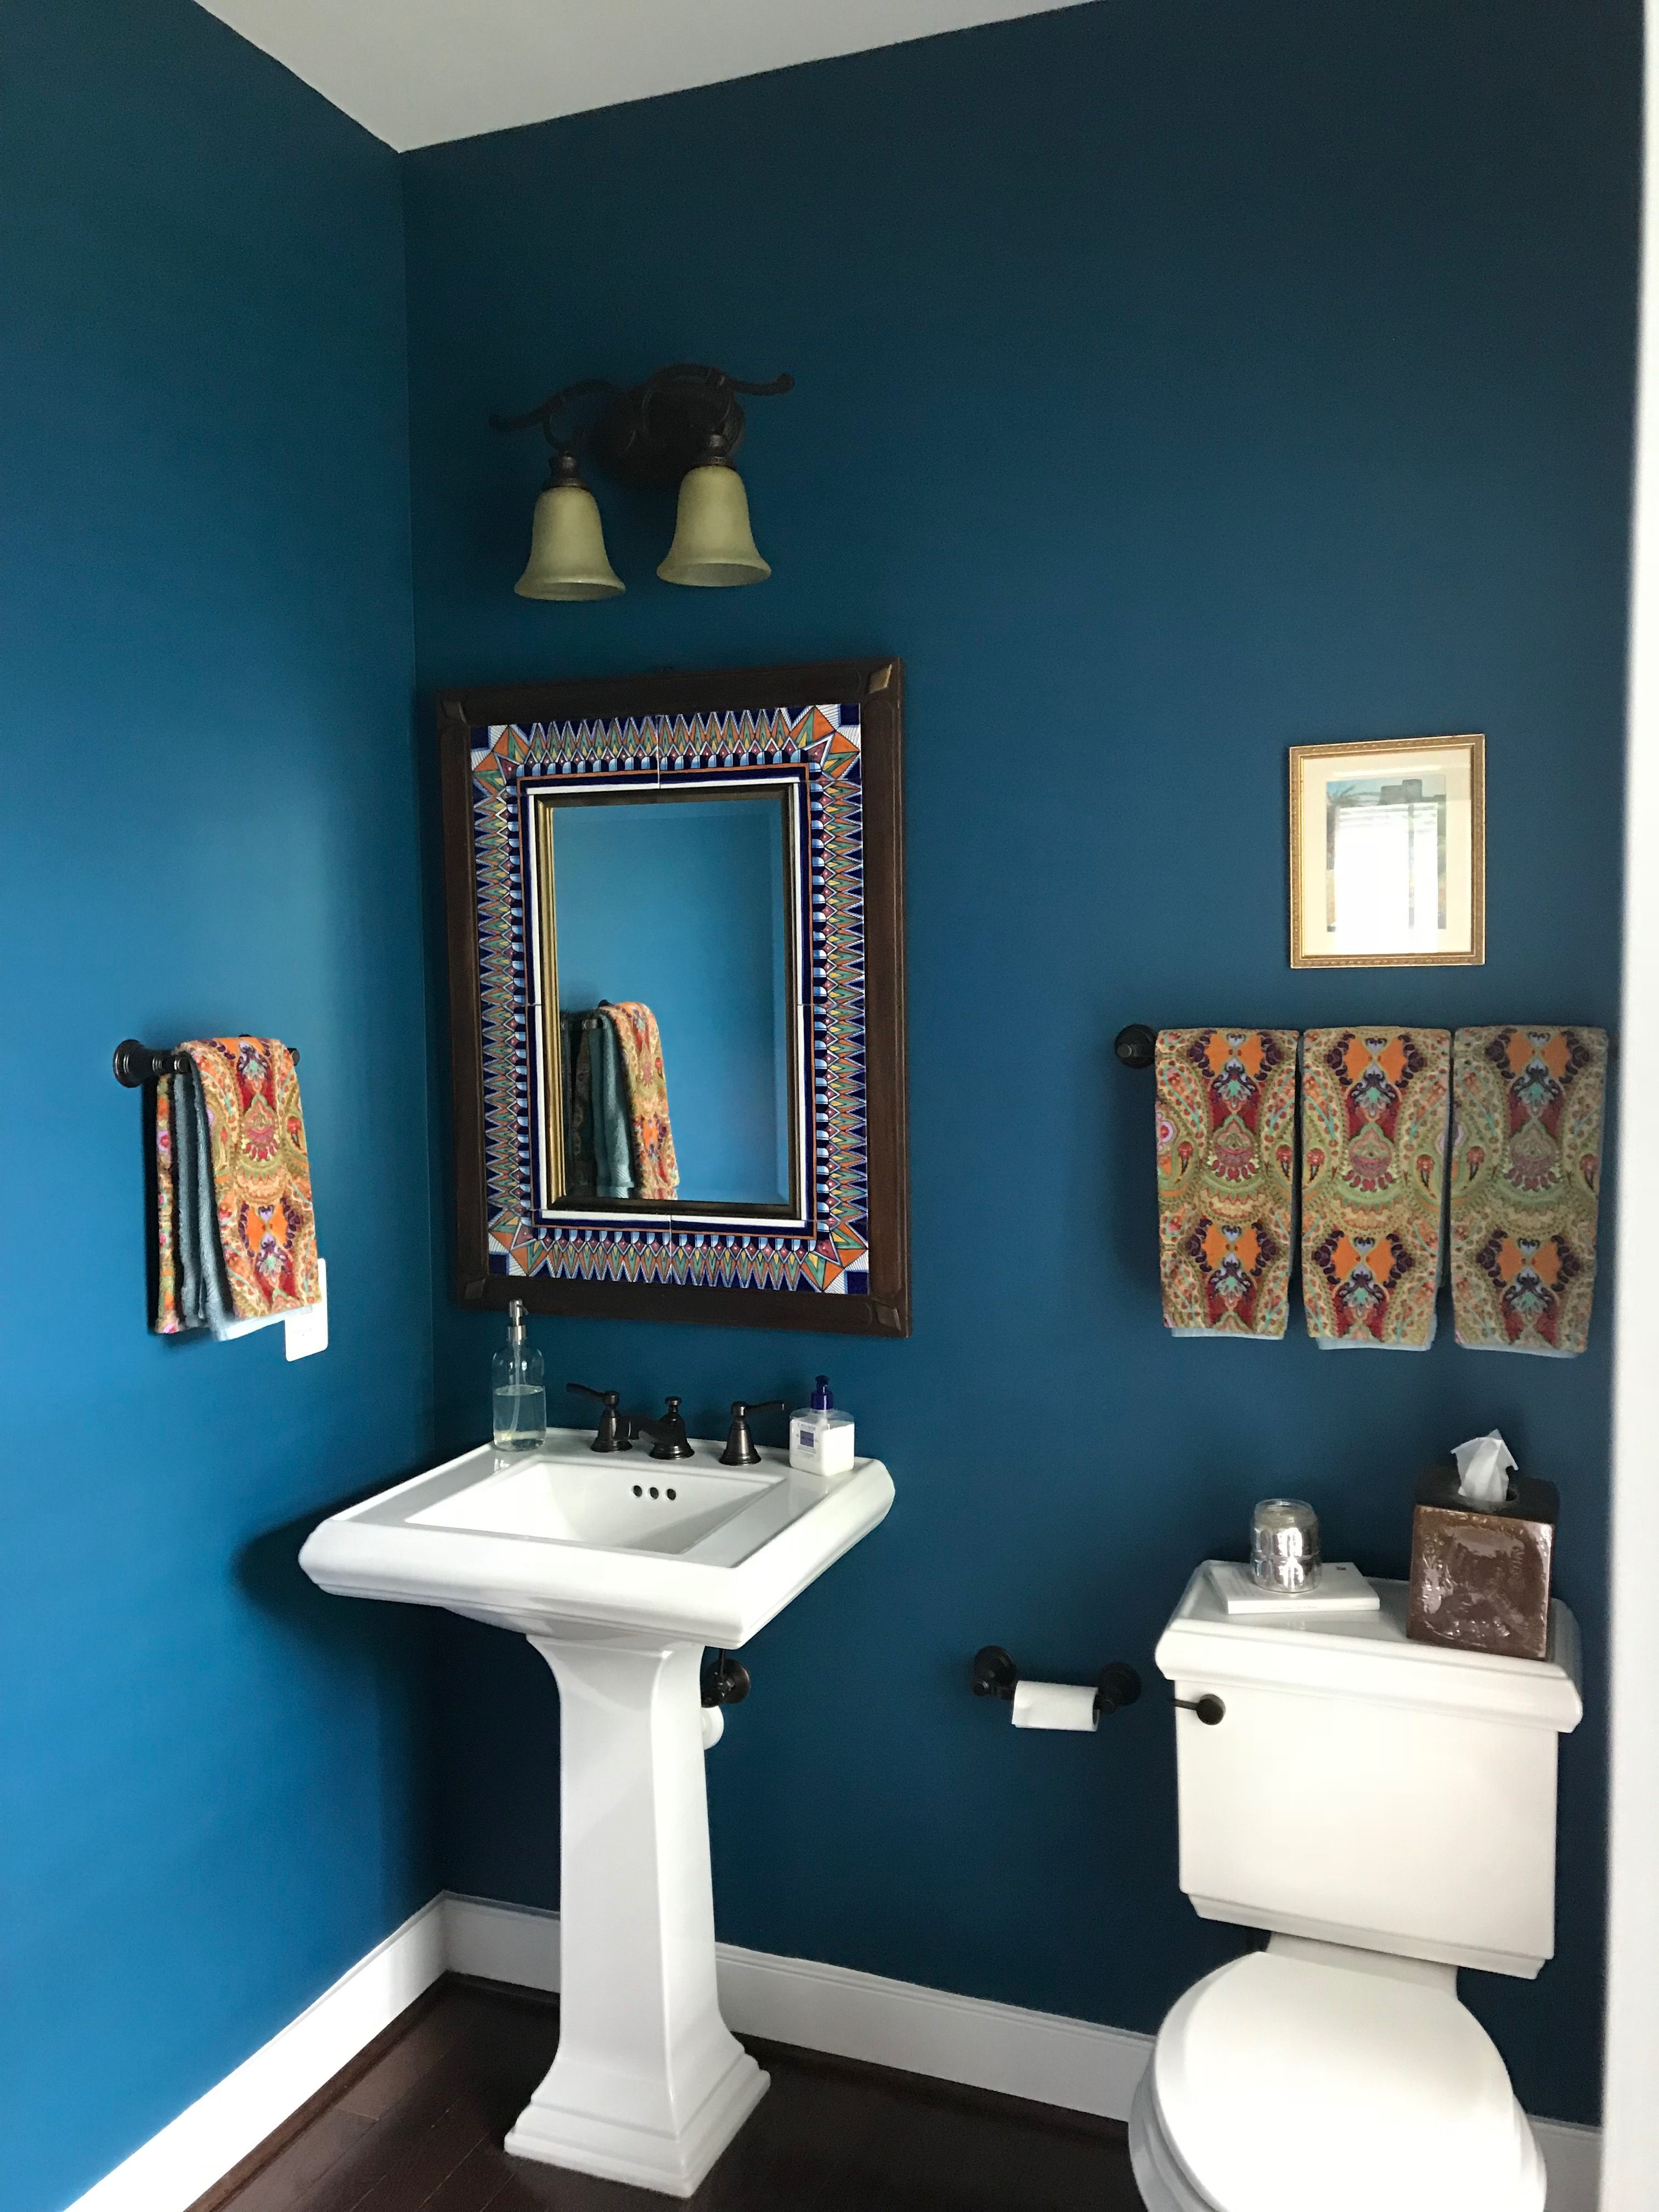 Powder Room Benjamin Moore Slate Teal Painting Bathroom Powder